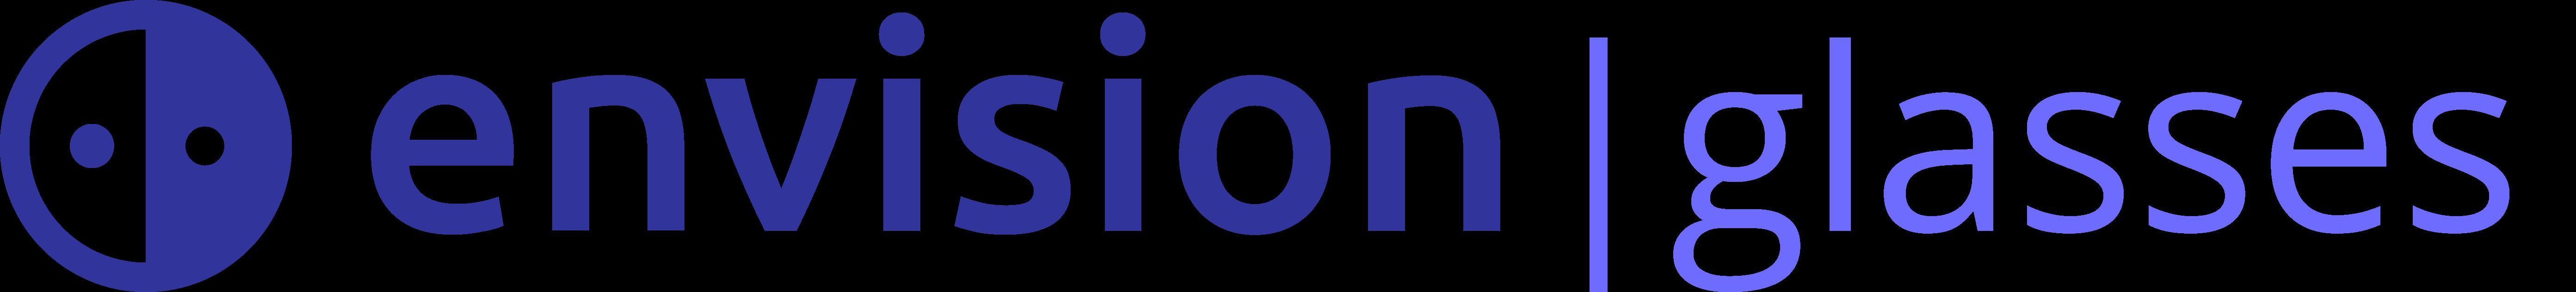 Envision Glasses Logo